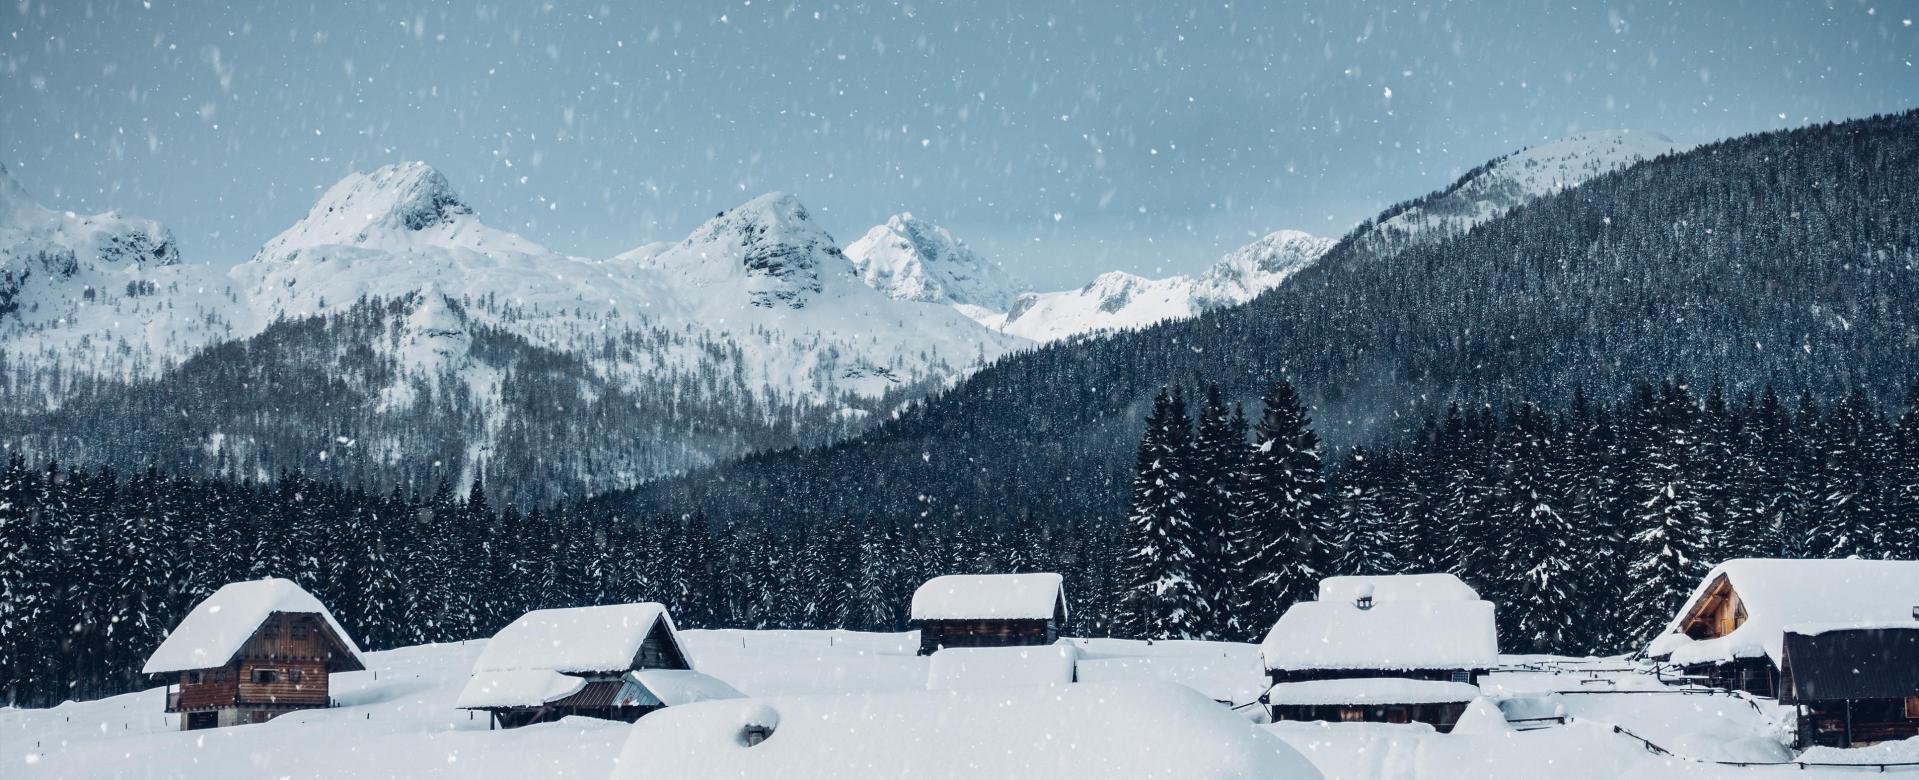 Voyage à la neige Slovénie : Réveillon au triglav sous la neige